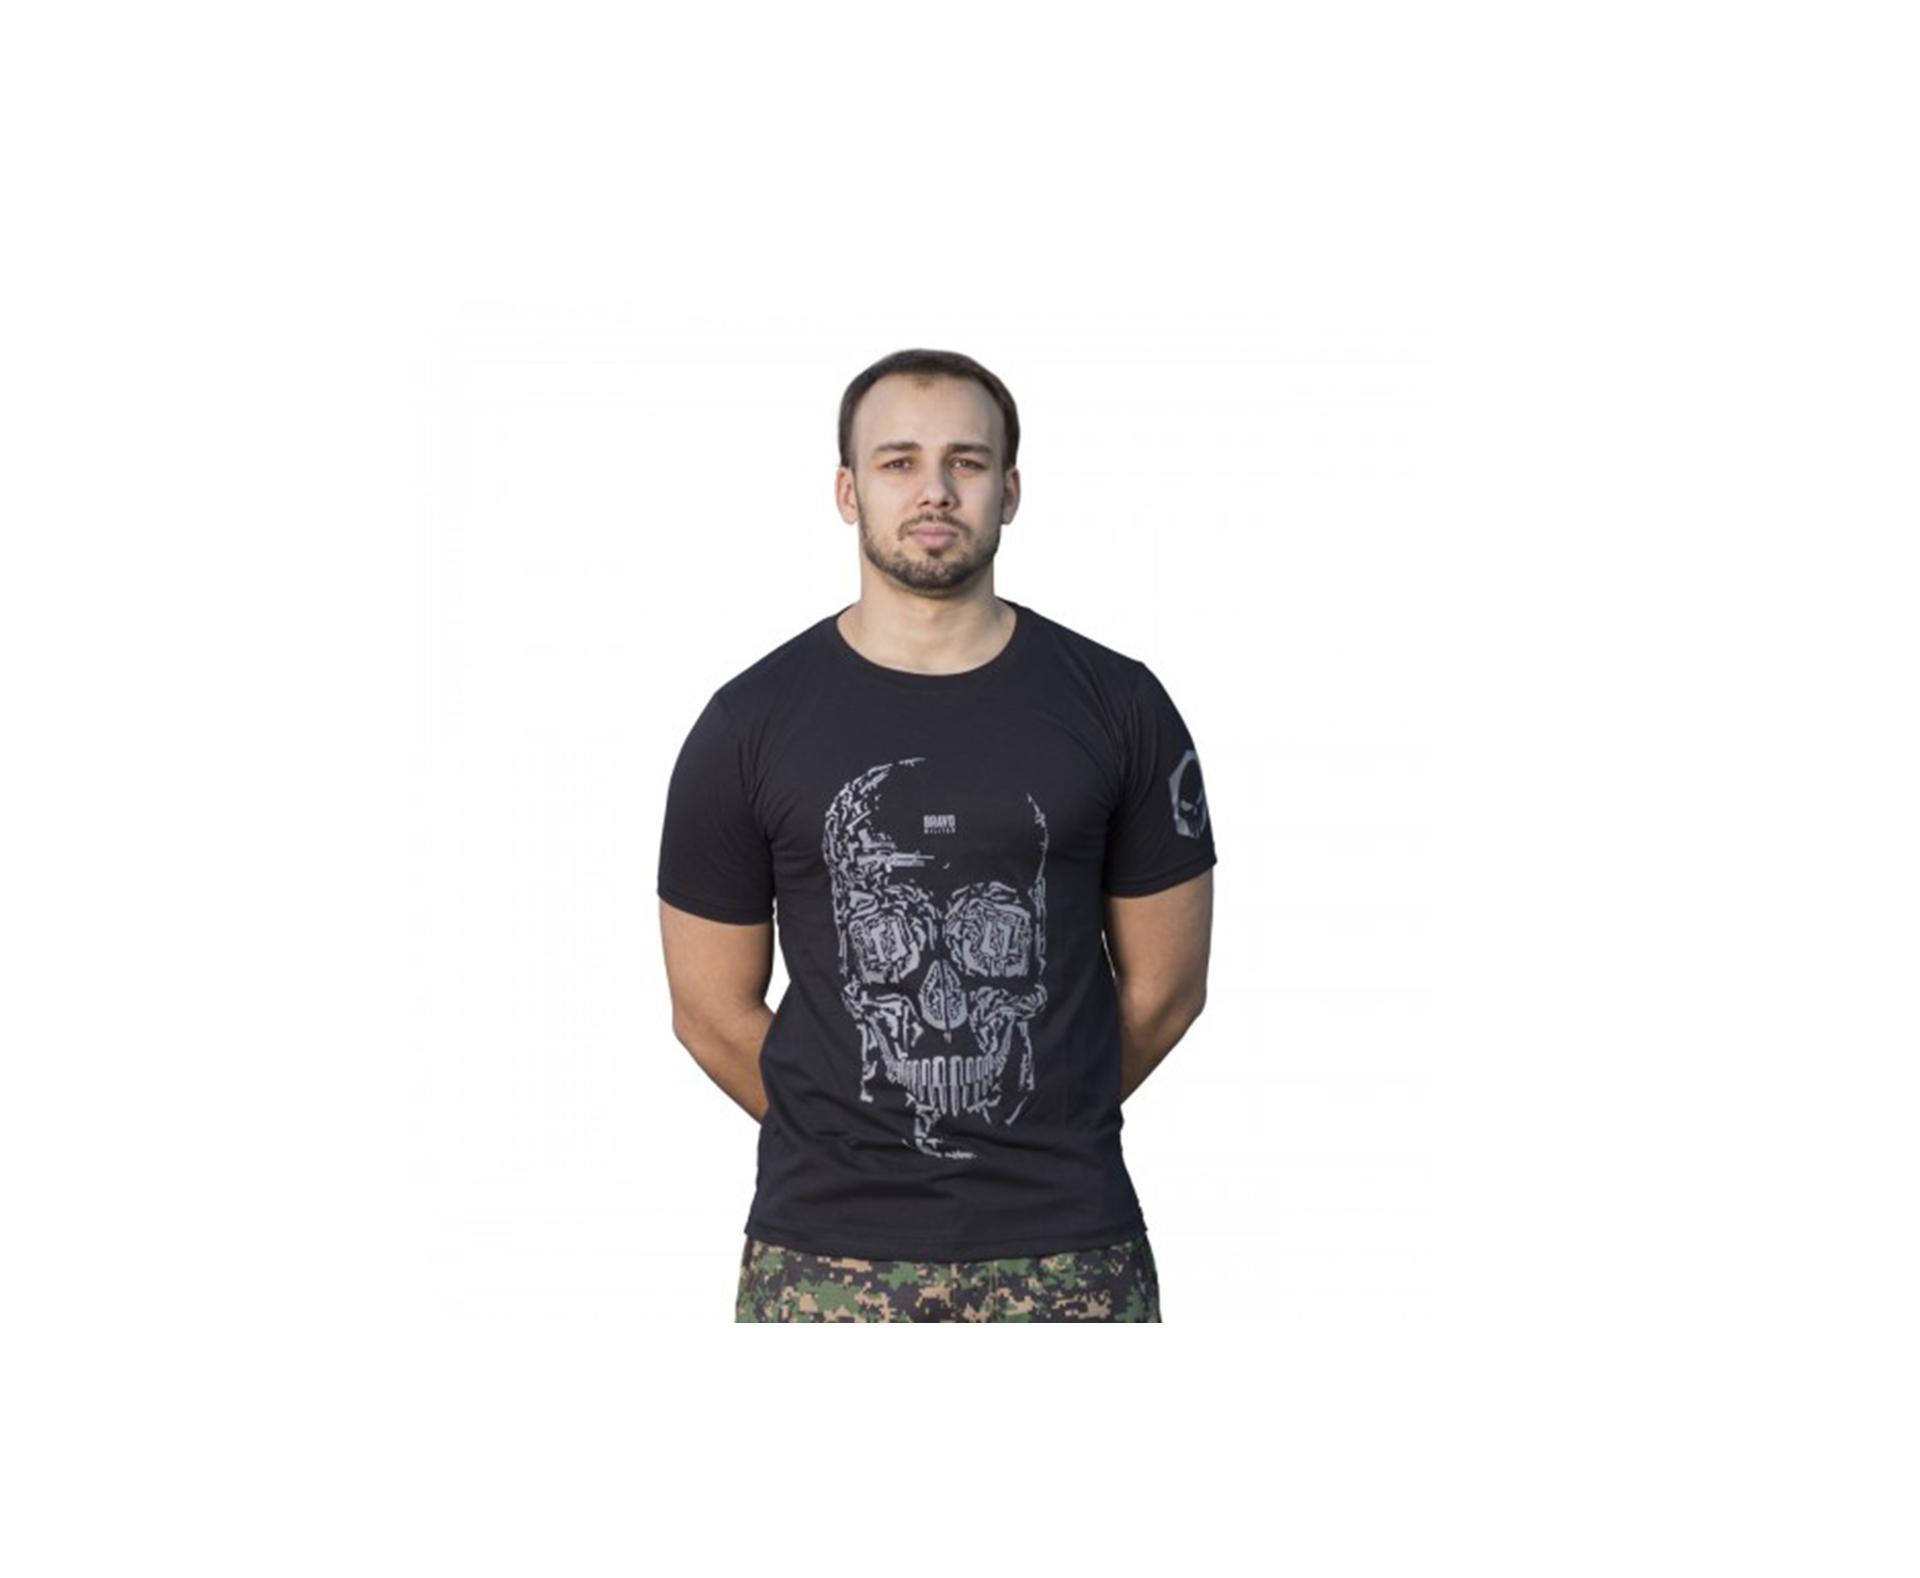 Camiseta Estampada Caveira Preta - Bravo - P